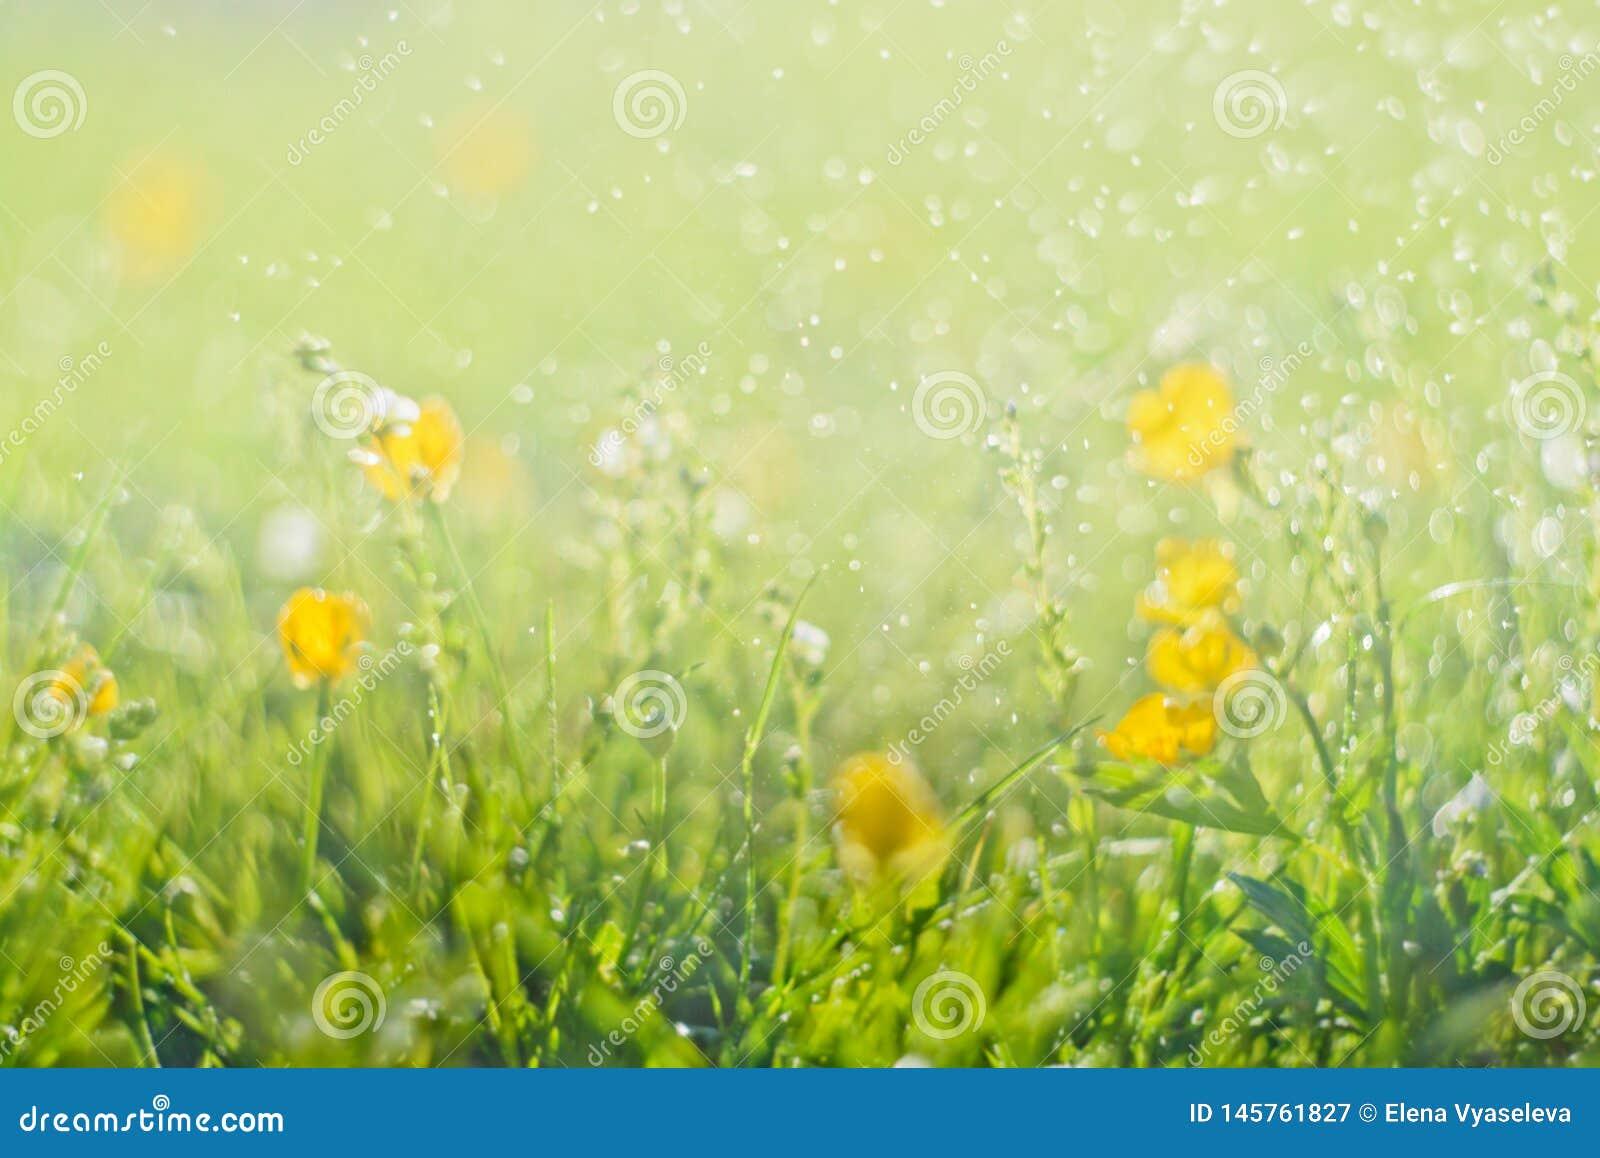 Η αφηρημένη πράσινη φρέσκια χλόη και ο άγριος μικρός κίτρινος τομέας λουλουδιών με την περίληψη θόλωσαν το φύλλωμα και το φωτεινό